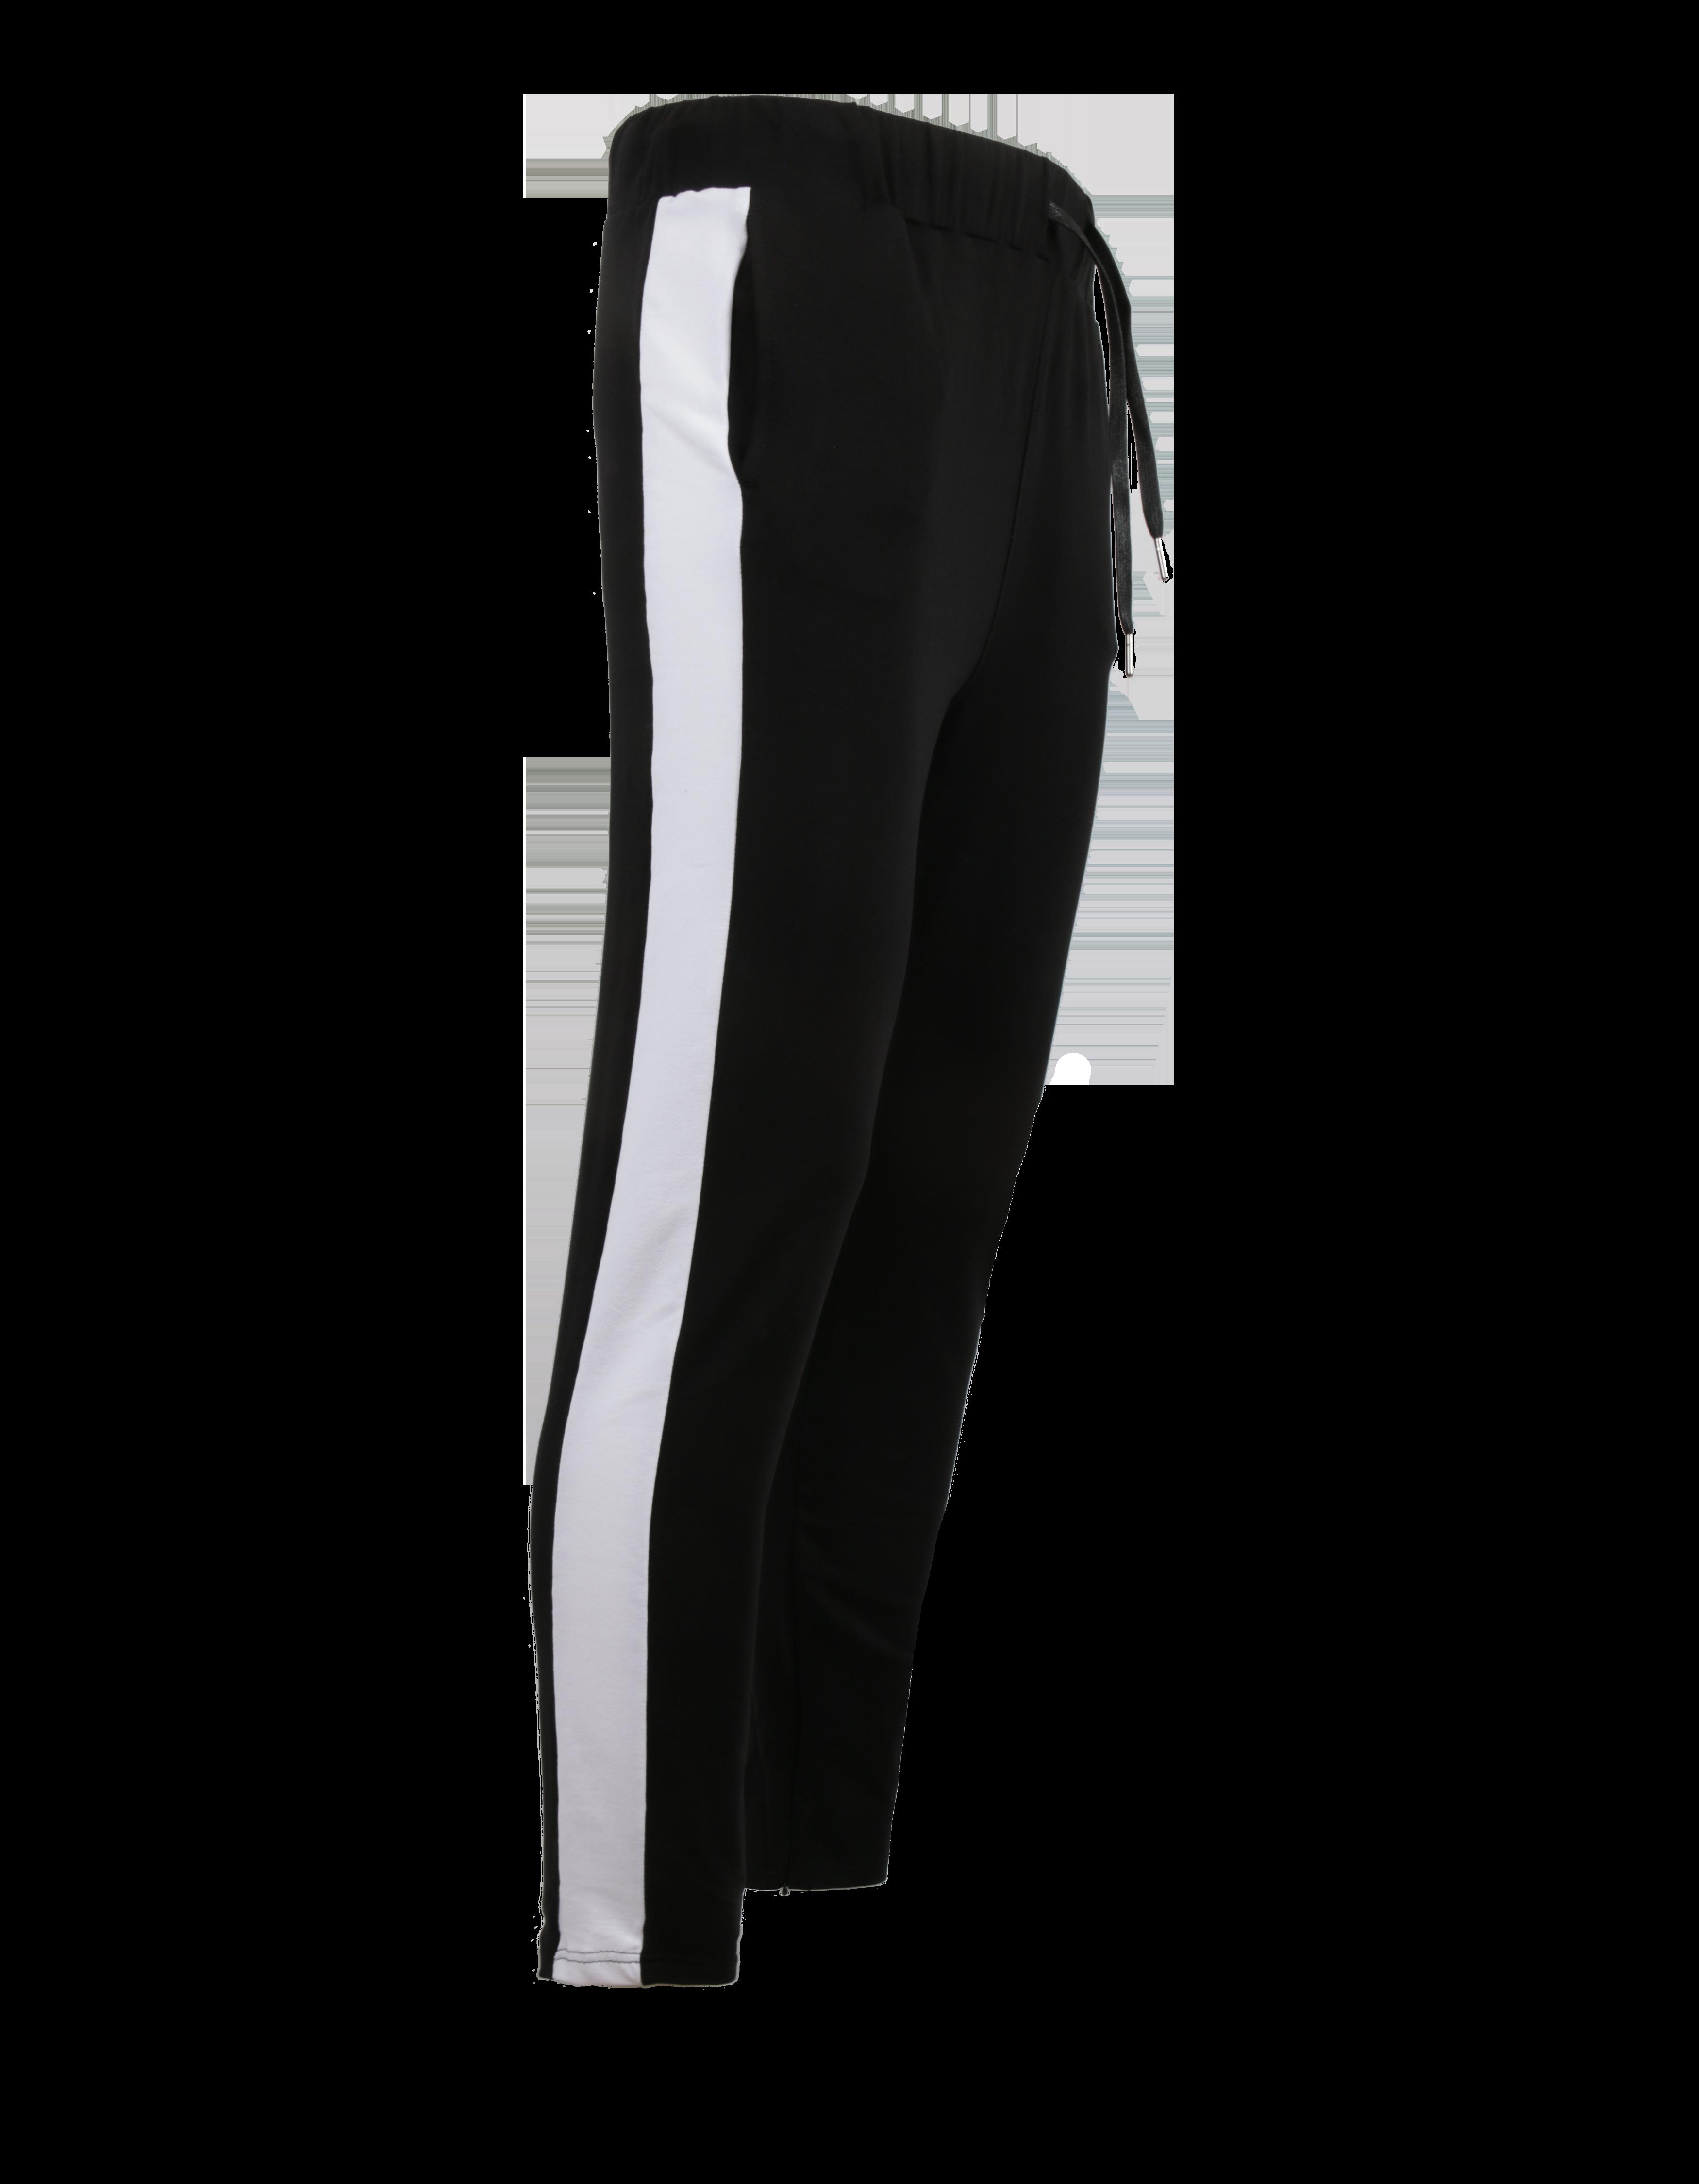 Брюки мужские HARAJUKUБрюки мужские Harajuku – неотъемлемая часть гардероба активного молодого человека. Модель спортивного стиля обладает прямым кроем, полуоблегающим силуэтом и небольшим припуском. На поясе оформлена эластичная резинка и завязки, идеально фиксирующие вещь по фигуре. По бокам широкие белые вставки, создающие стильный контраст с черным фоном изделия. Дизайн дополнен внутренними карманами, расположенными по бокам. Для пошива брюк использован премиальный 100% хлопок.<br><br>Размер: XS<br>Цвет: Черный/Белый<br>Пол: Мужской